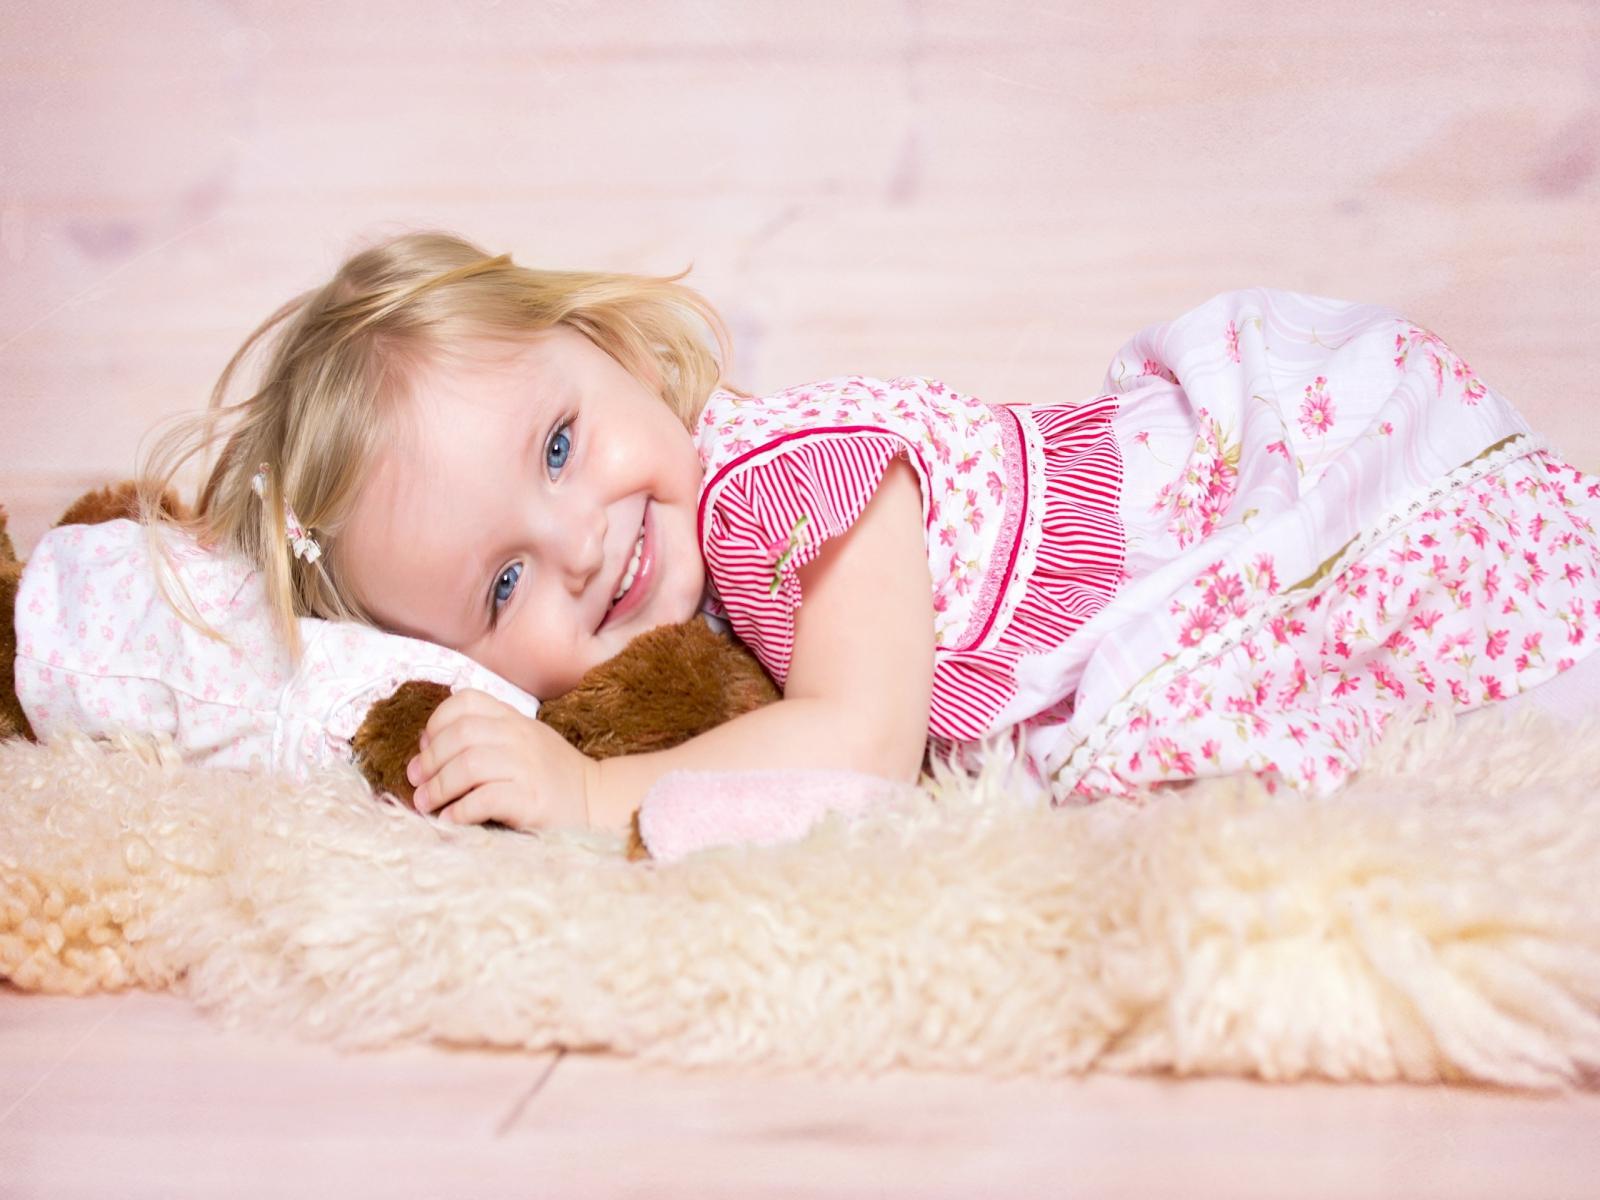 Lovely Baby Girl Wallpaper Hd: Desktop Wallpapers,Animals Wallpapers,Flowers Wallpapers